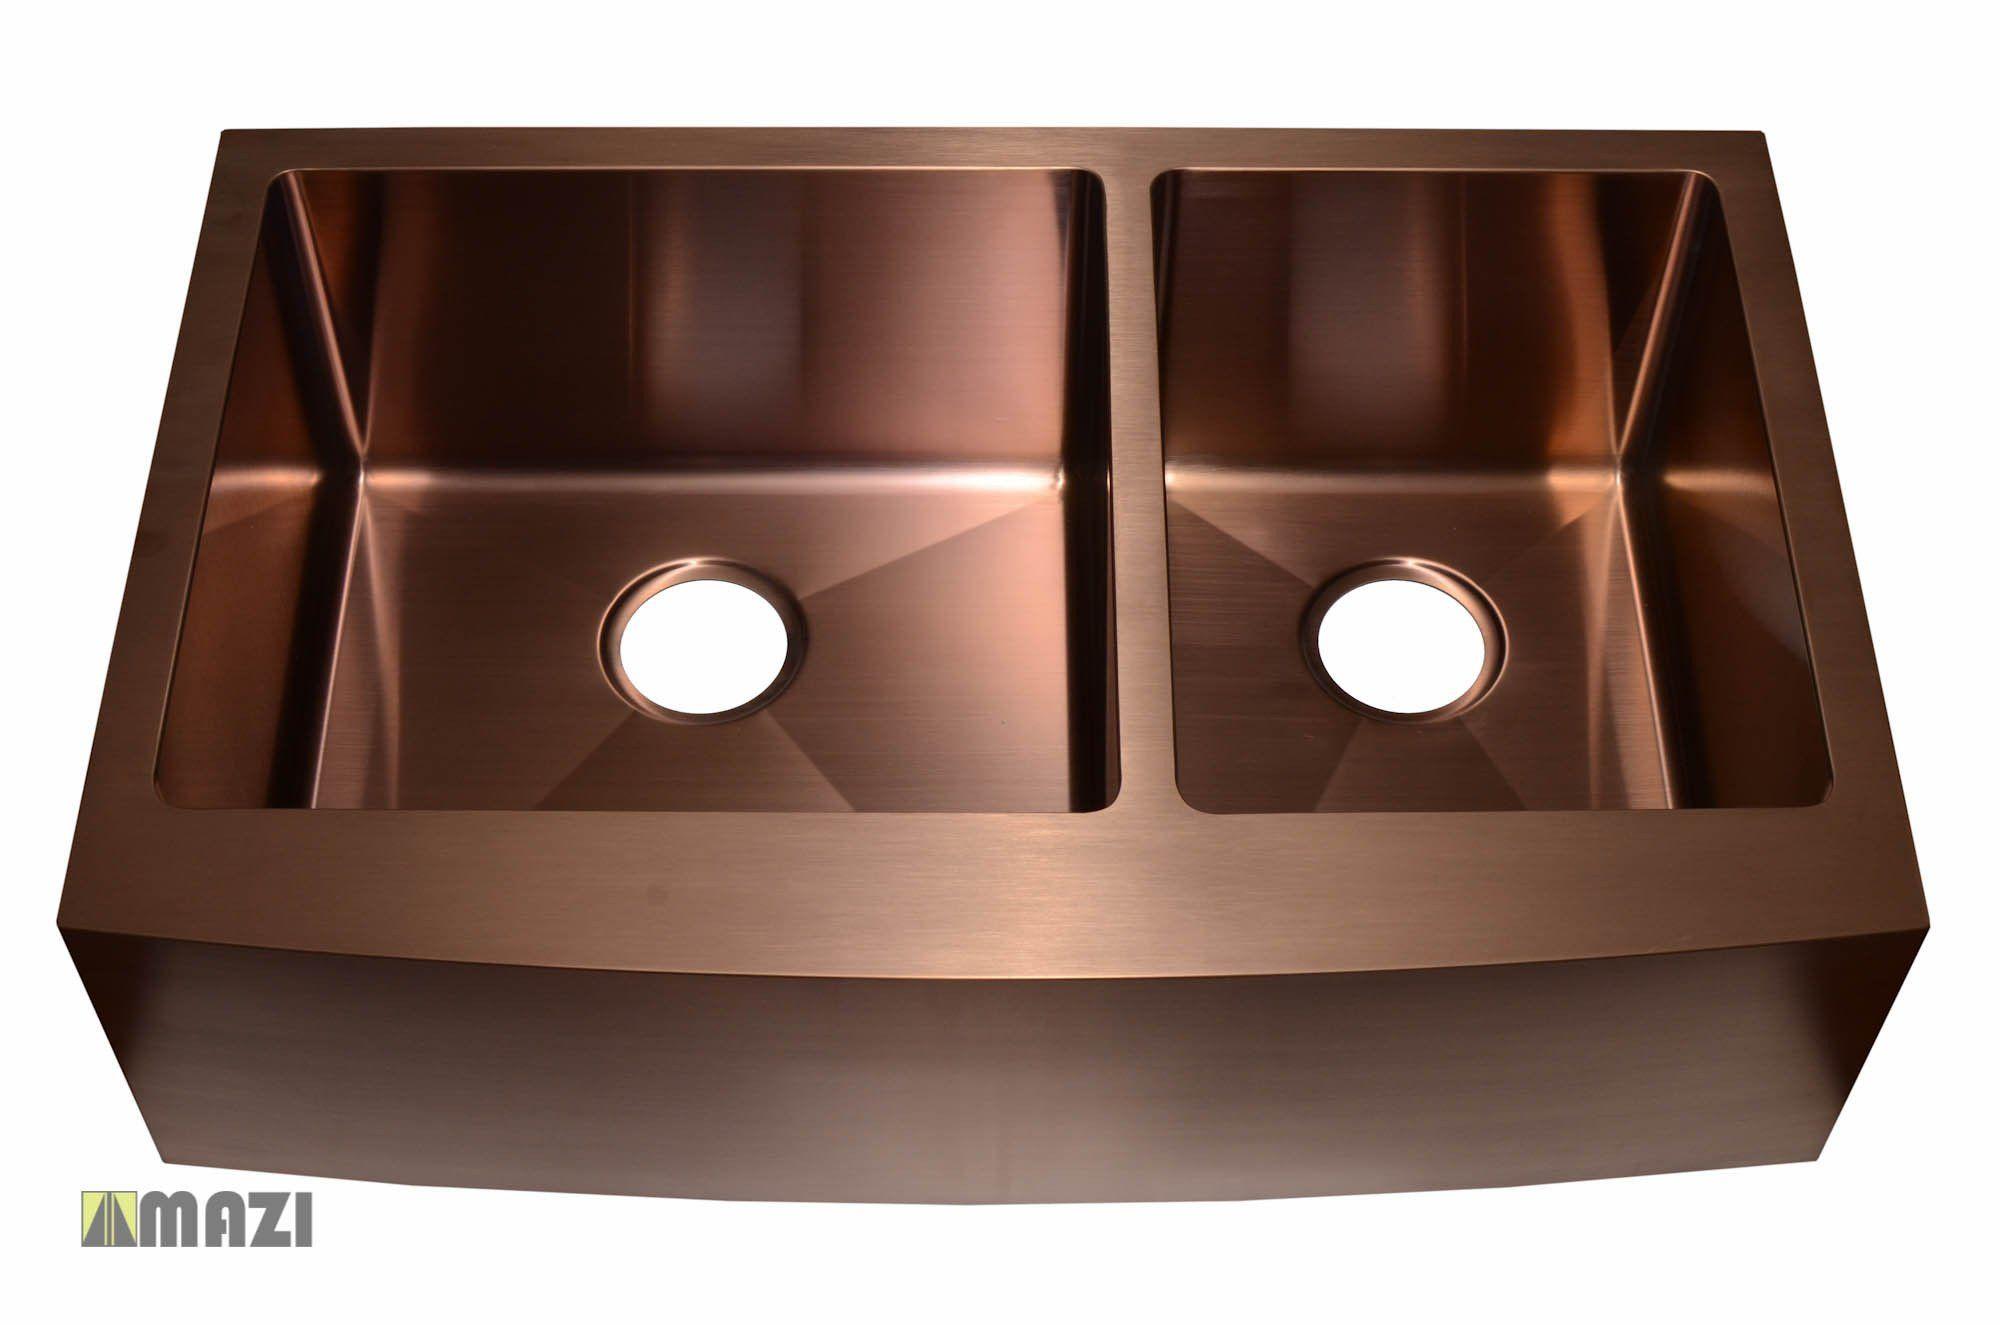 Kitchen Sink Ac2002 Copper Color